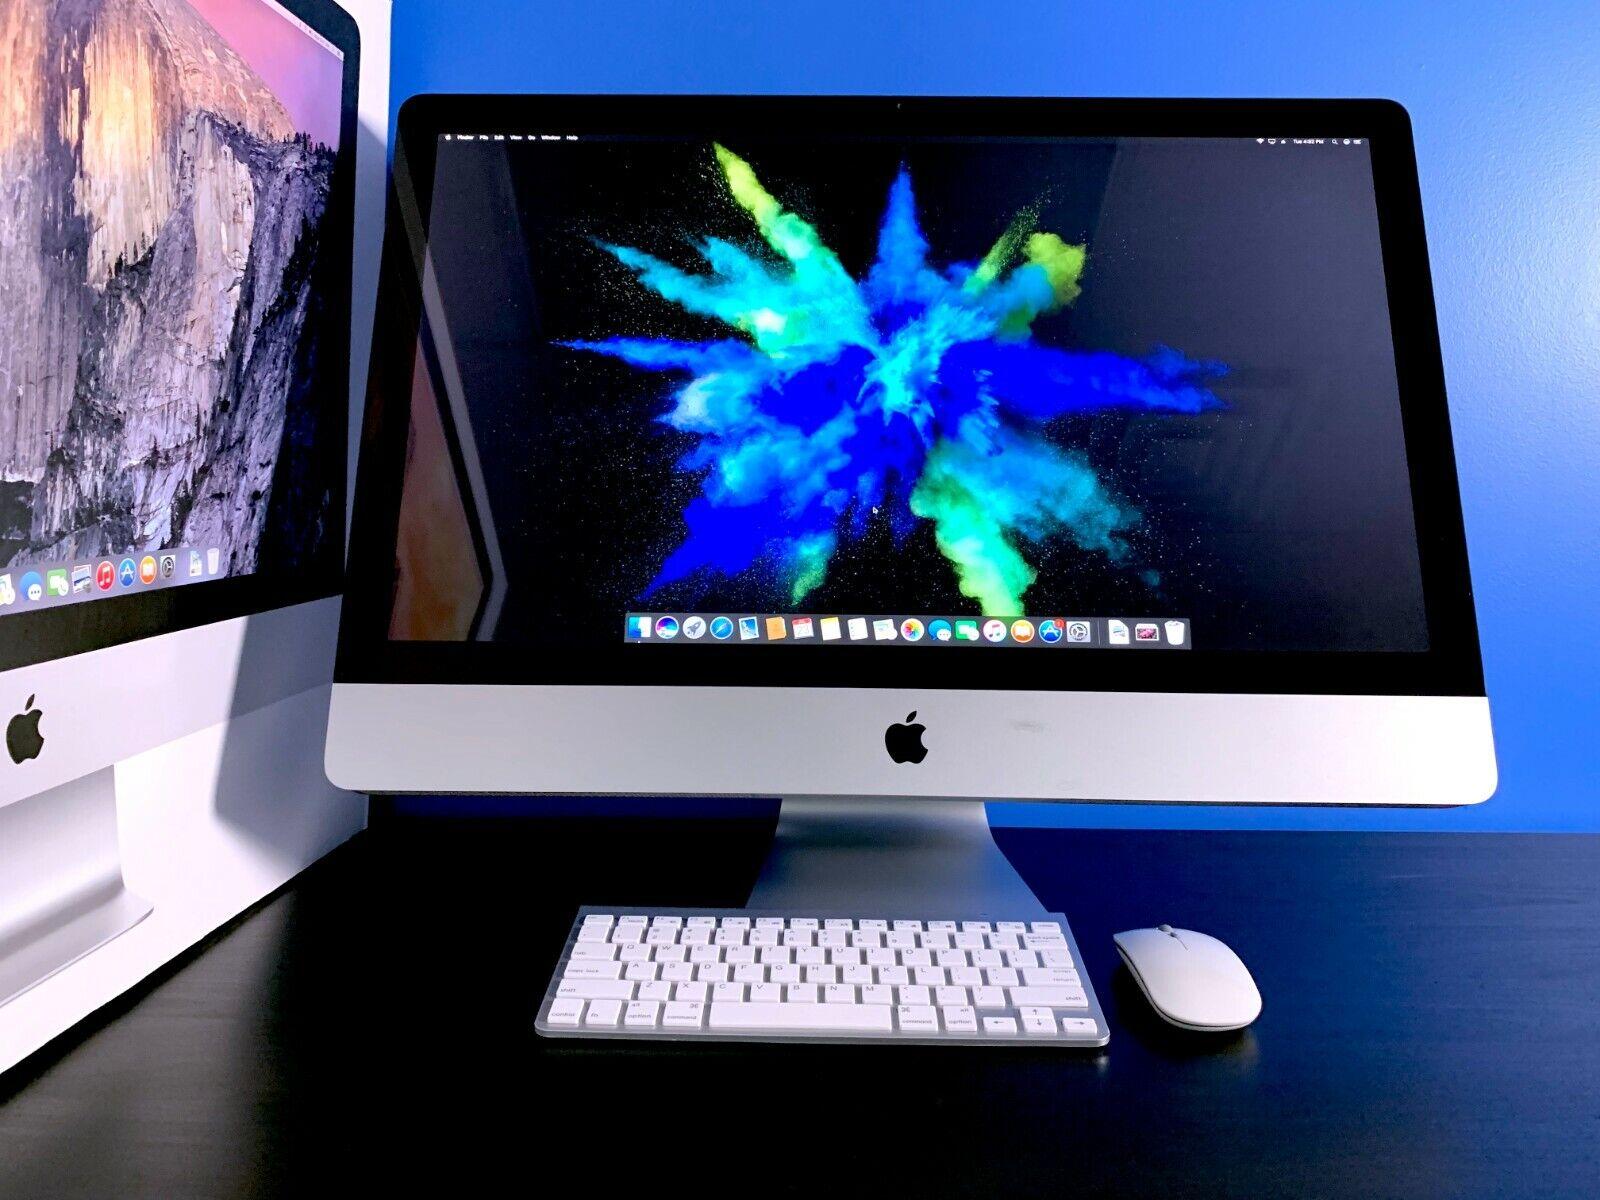 Apple iMac 27 All-In-One Desktop   INTEL CORE   1TB STORAGE   3 YEAR WARRANTY. Buy it now for 799.00